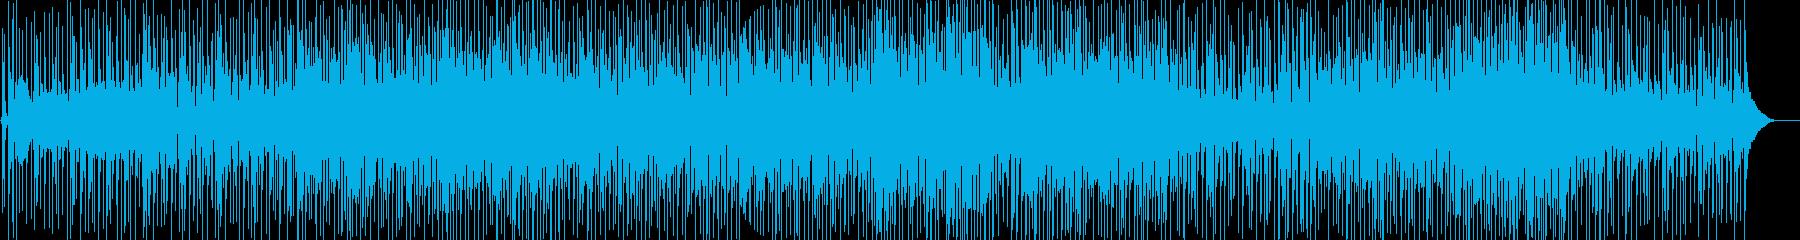 ほのぼのとして落ち着いたギターポップスの再生済みの波形